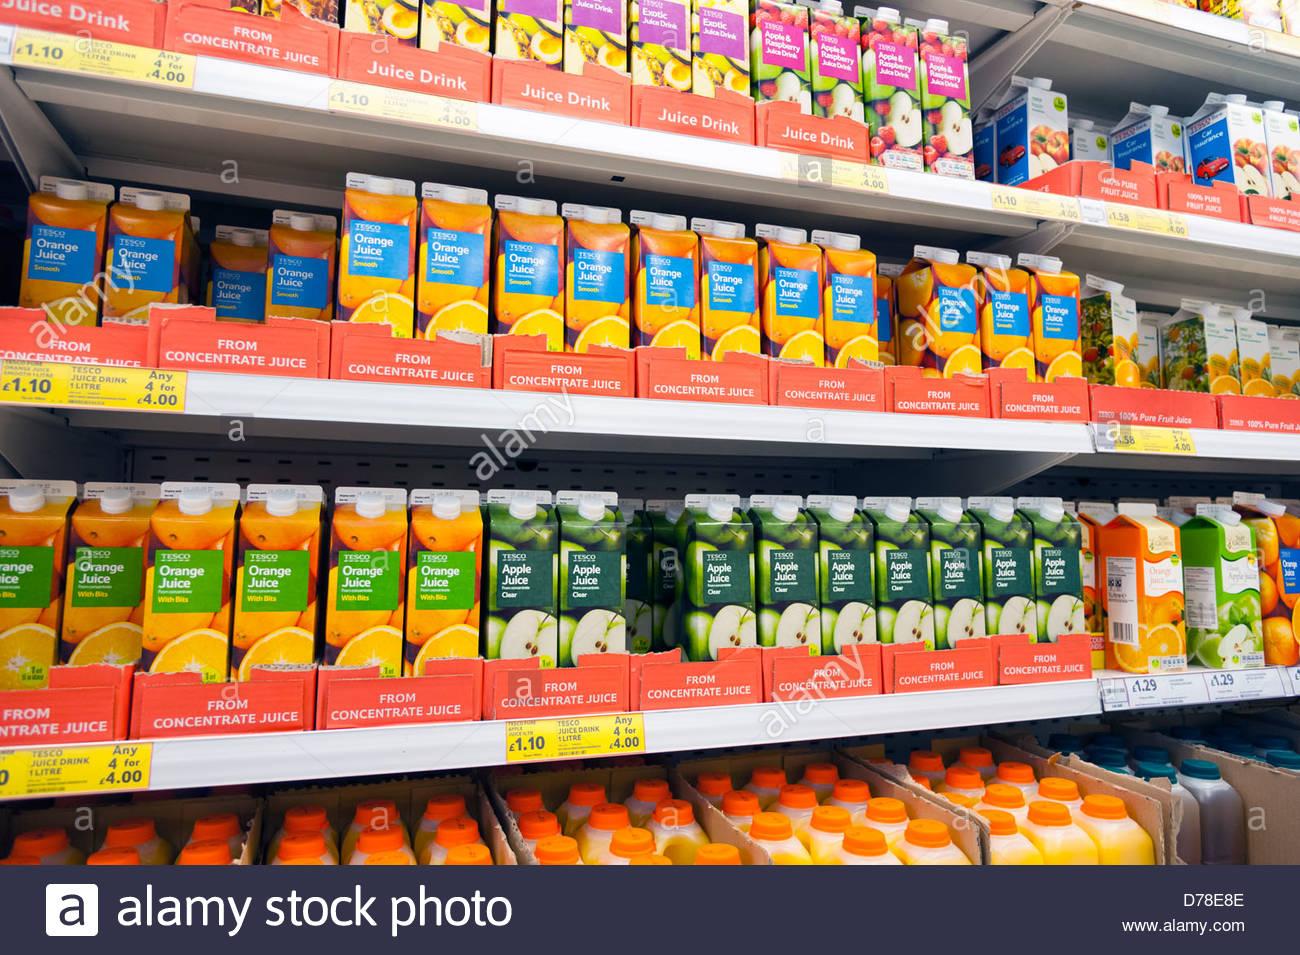 Jus de fruits frais pour la vente dans un magasin Tesco (Royaume-Uni) 7da6a49c3504